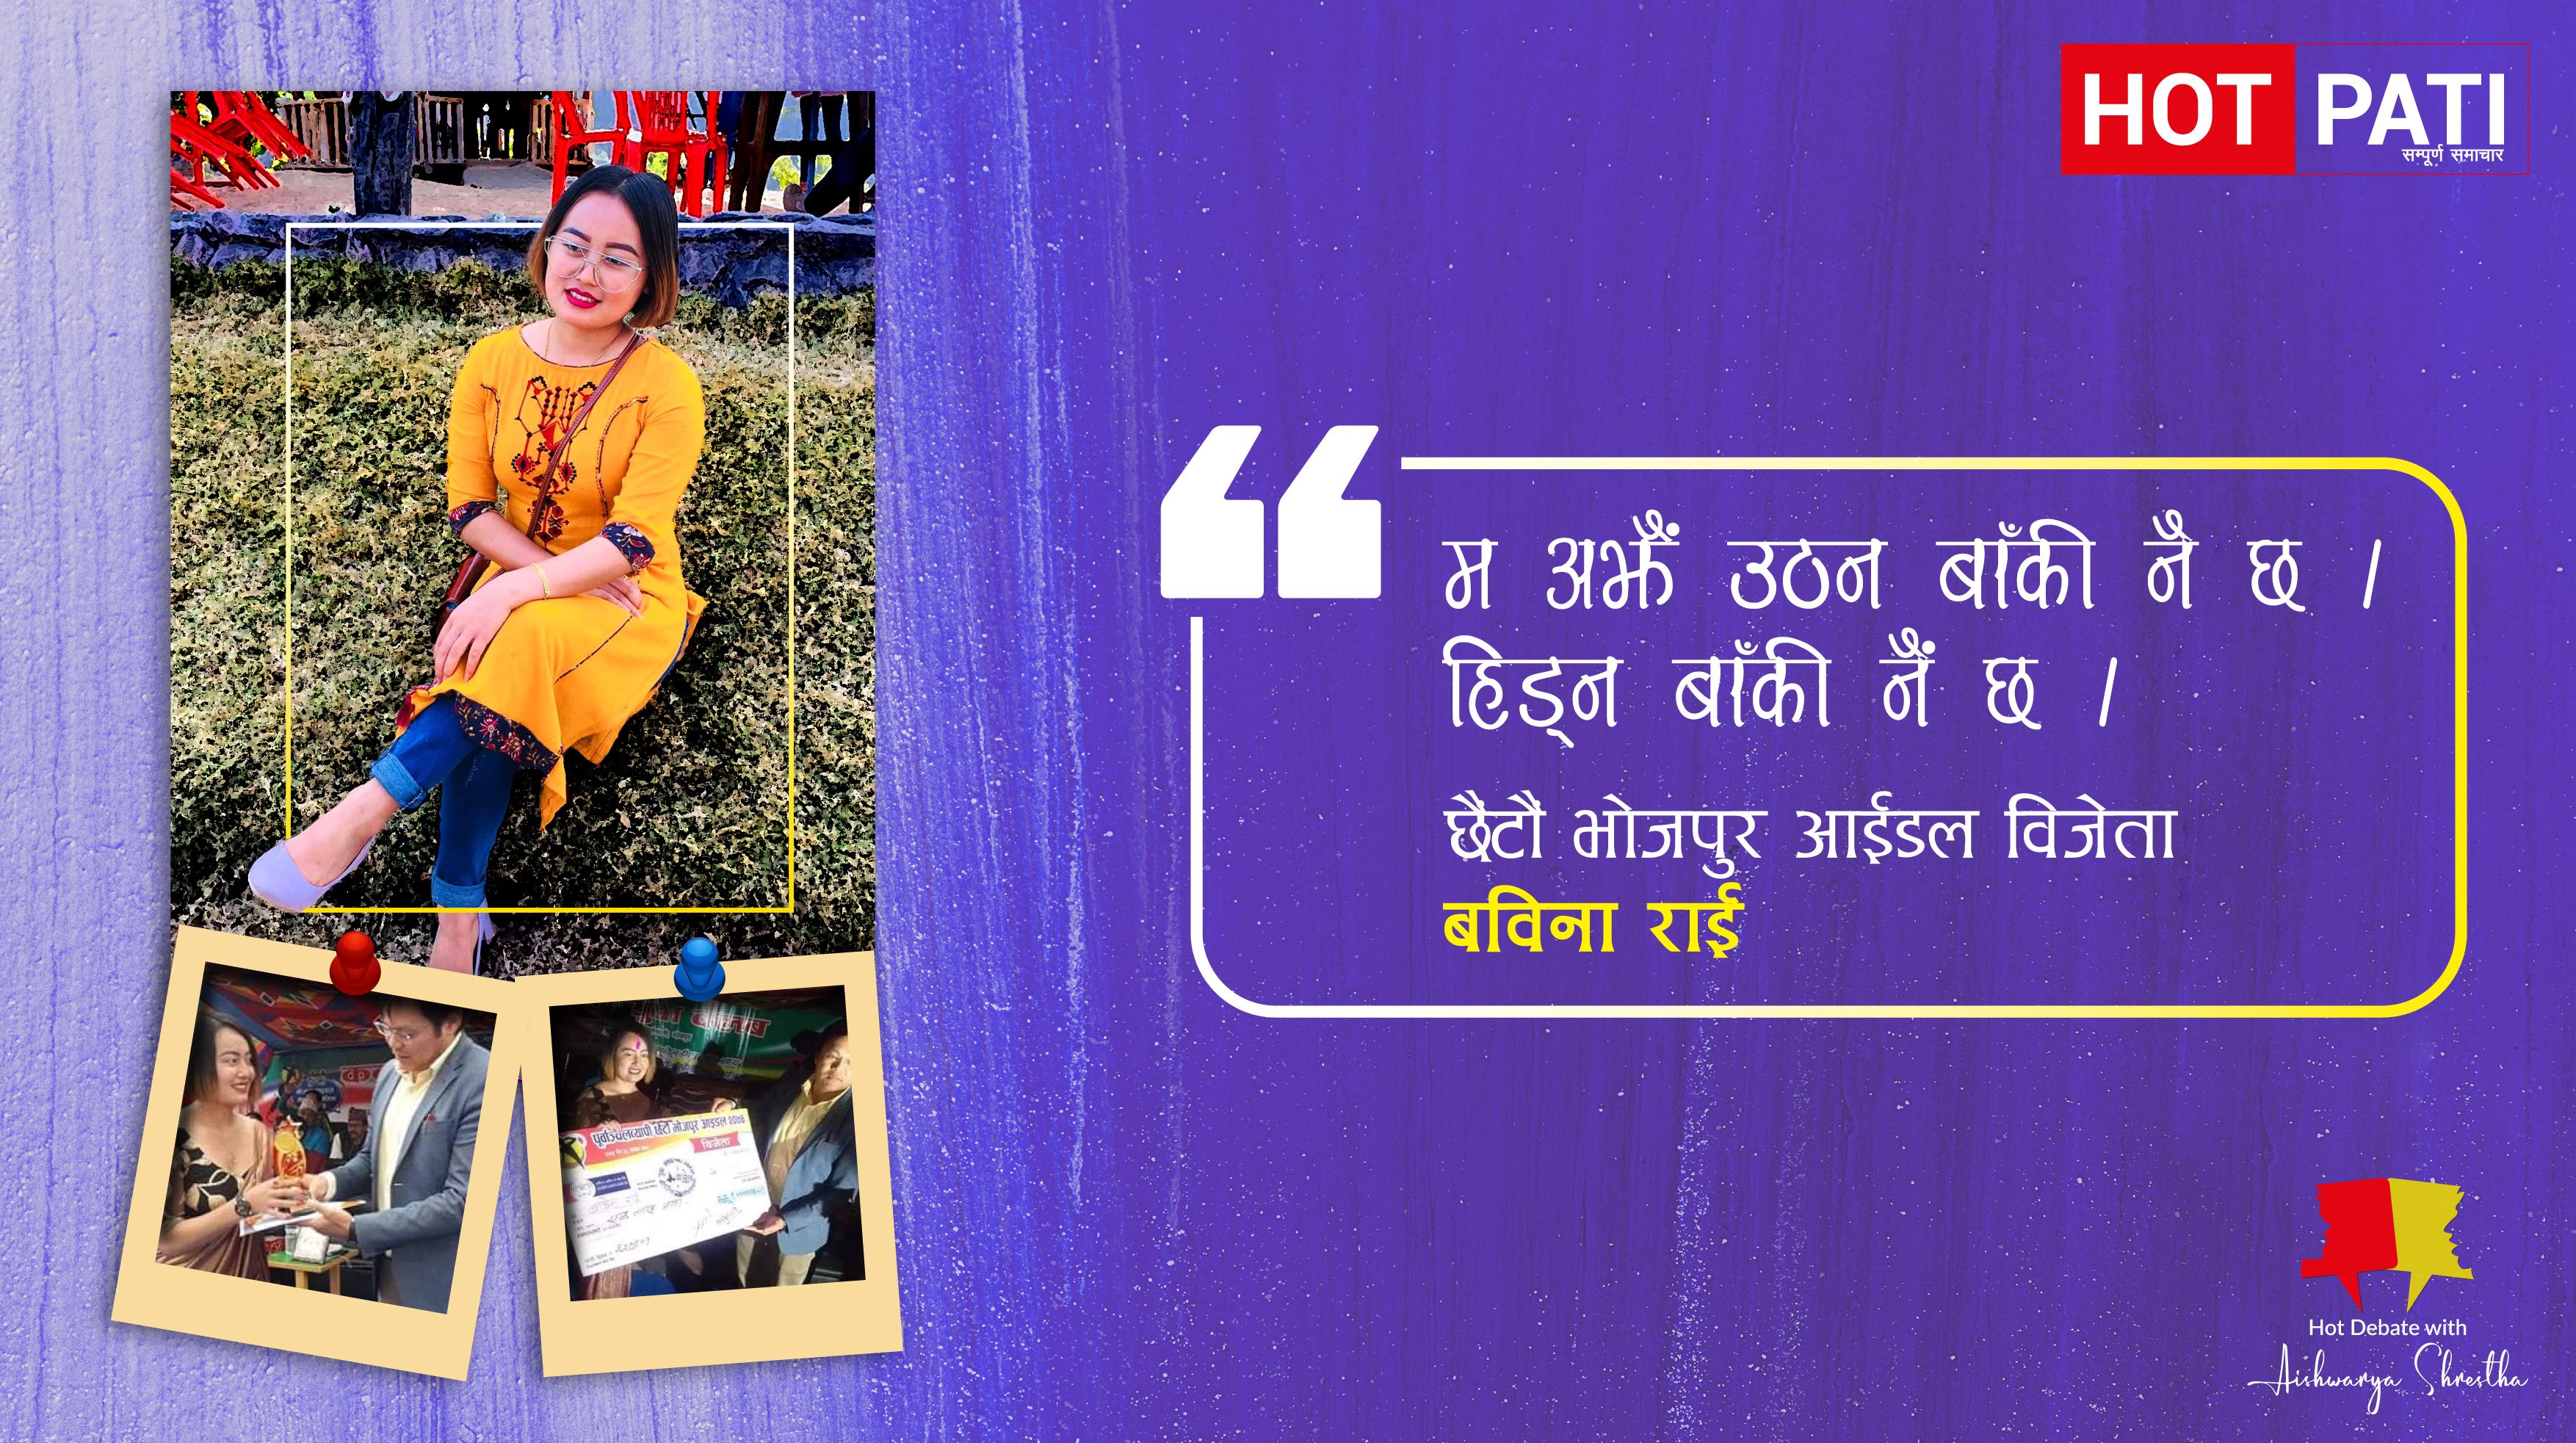 भगवानको वरदानकैं सदुपयोग गर्दैछु -:भोजपुर आईडल विजेता बविना राई